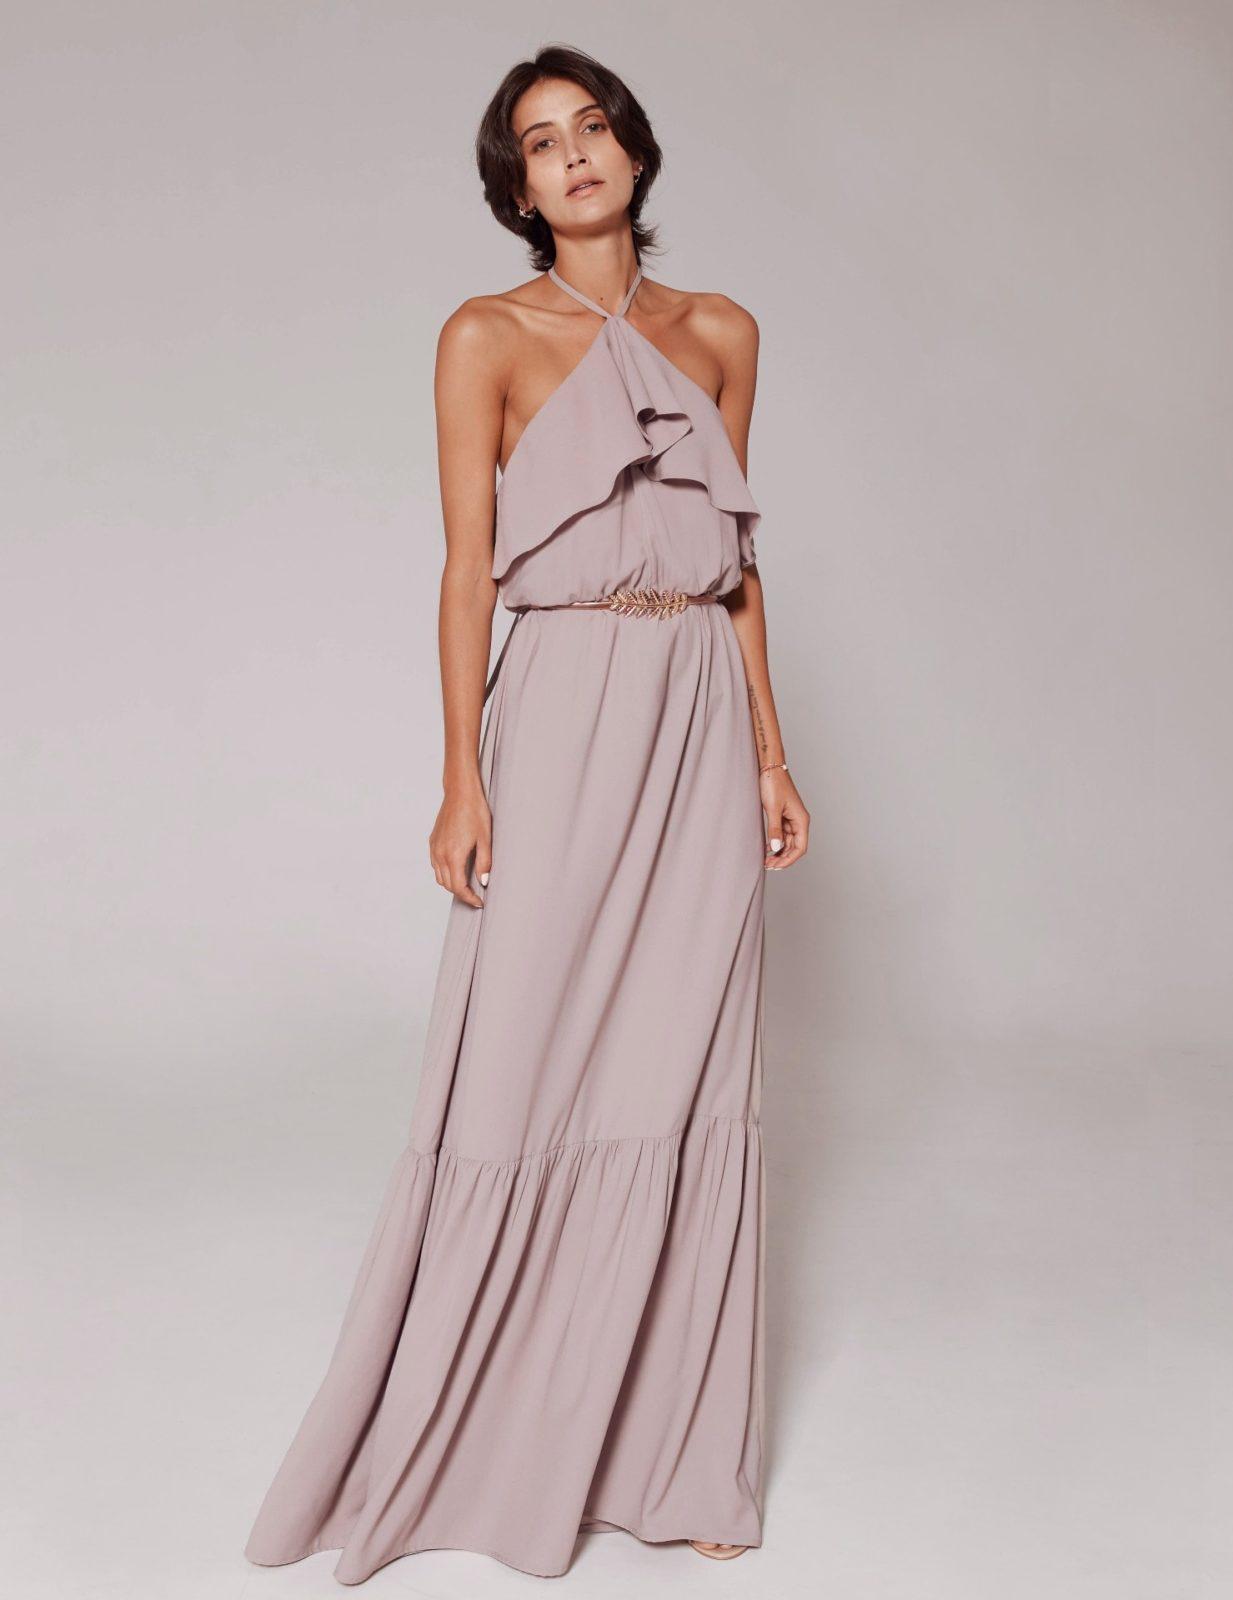 sukienka maxi z falbana e02ba (1)